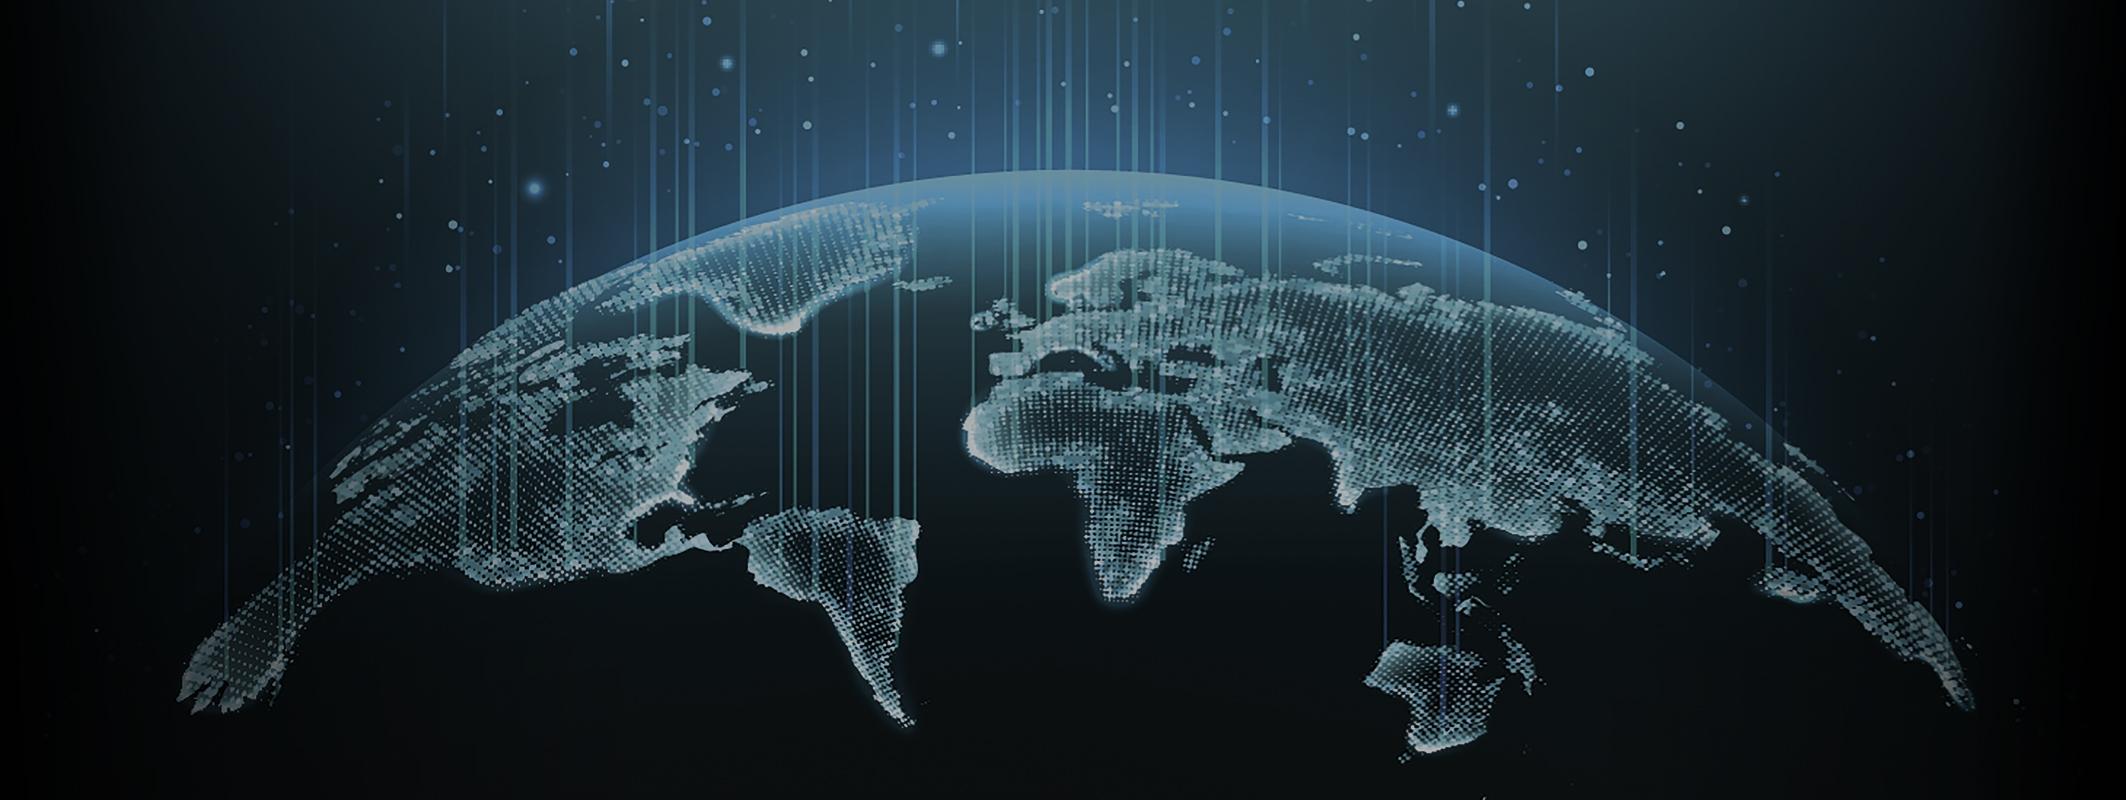 aquajet hydrodemolition distributors global dealer network